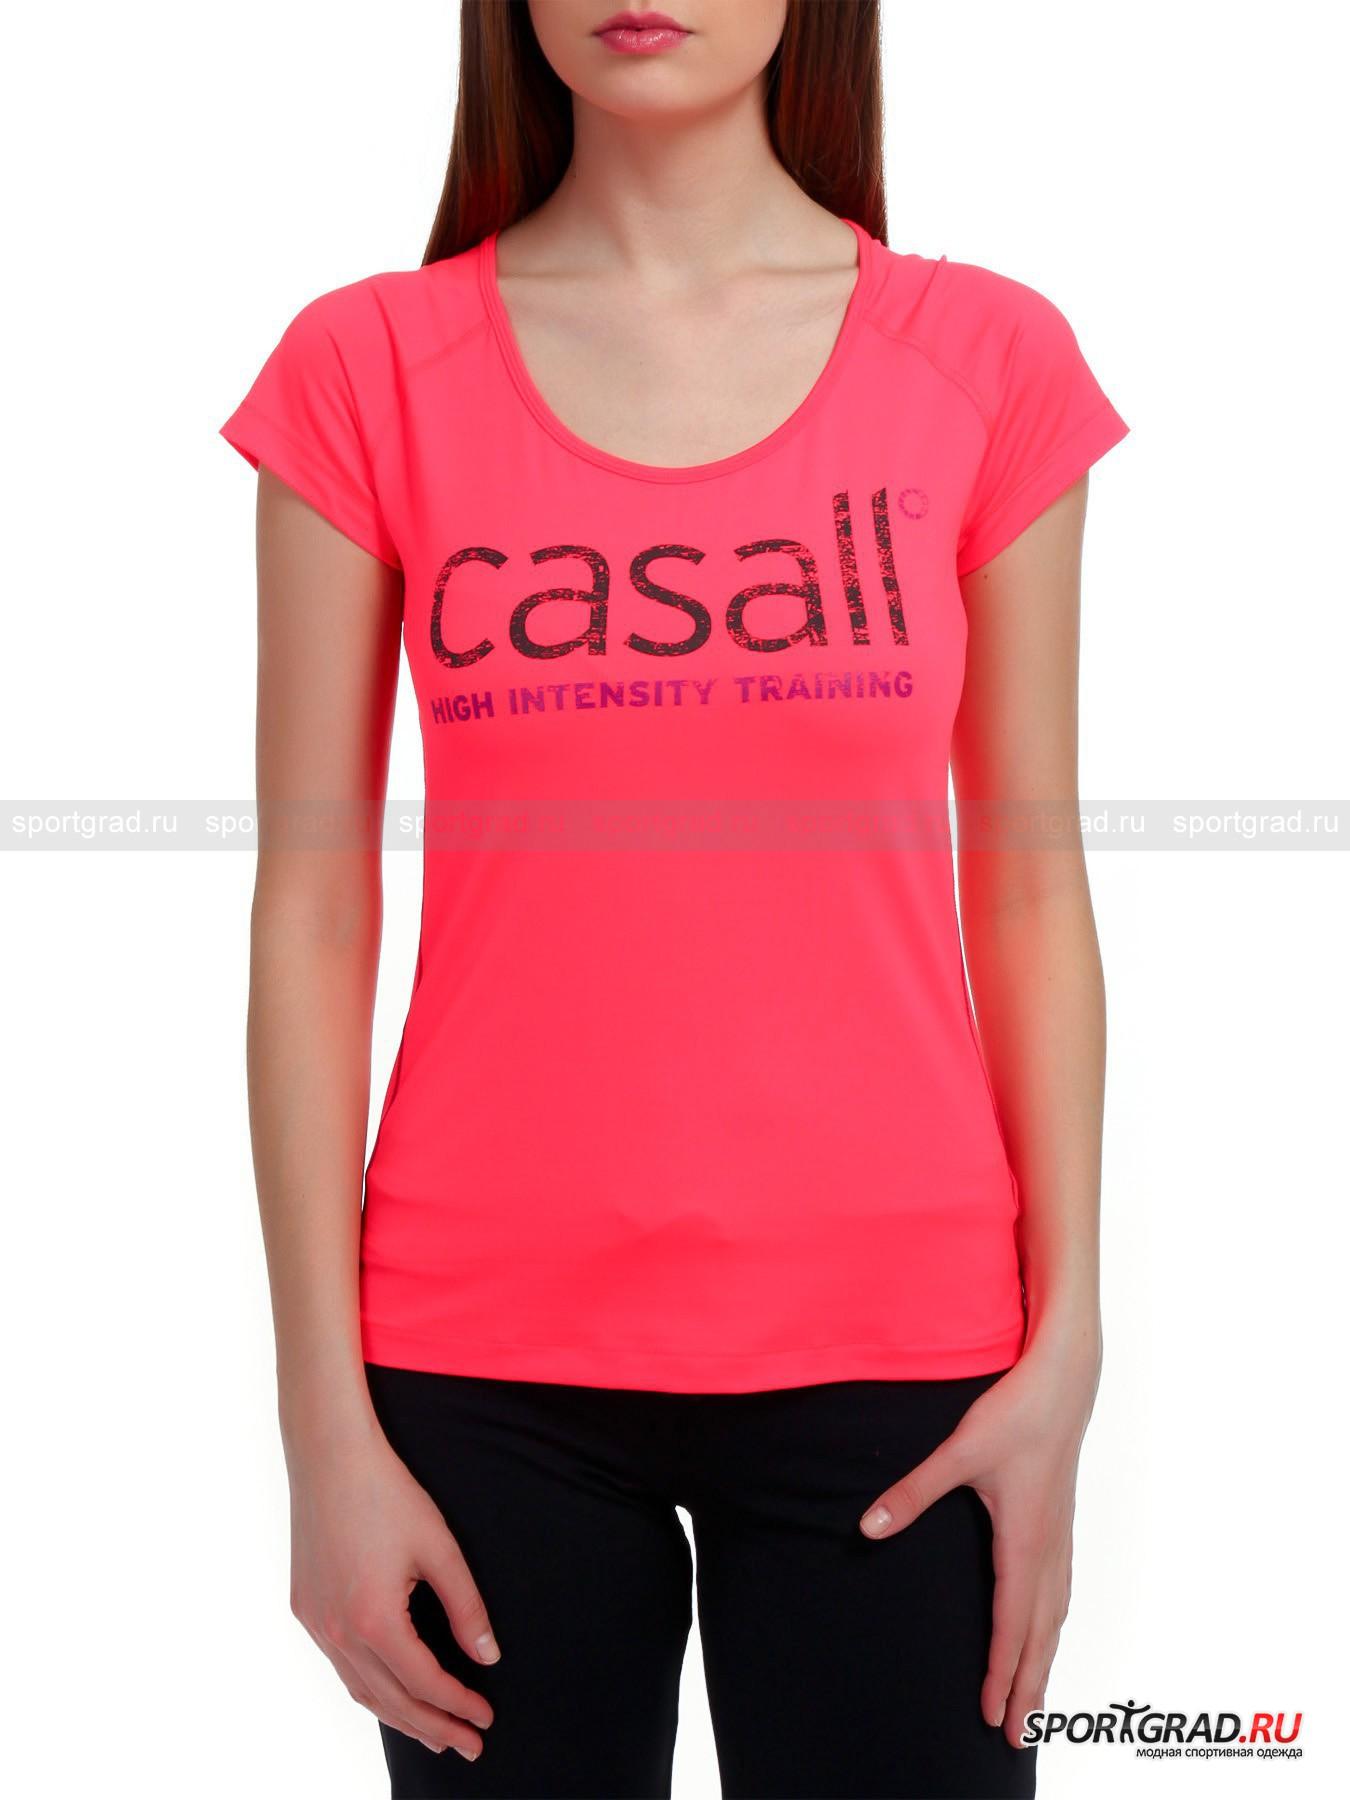 Футболка женская эластичная Unit Tee CASALL для фитнесаФутболки<br>Сочная женская футболка Unit Tee CASALL для насыщенных впечатлений от занятий и высокоинтенсивных тренировок, о чем гласит надпись с эффектом модной истертости на груди, выполнена из мягкого эластичного материала, приятного в прикосновении, как хлопок.  Растяжимое во всех направлениях функциональное полотно и рукава фасона реглан гарантируют раскованность движений на тренировках. Полуприлегающий крой, в свою очередь, удобен тем, что полотно не настаивает на обрисовывании фигуры, за счет чего оно помогает скрыть некоторые изъяны фигуры, которые Вы и пришли в фитнес-зал подкорректировать. Боковые строчки ажурного шва, выполненного контрастной нитью, декорируют модель и укрепляют  ткань.<br><br> Длина рукава по внутреннему шву ок. 5 см, длина сзади по центру от горловины до низа 56 см, ширина груди 39 см, ширина по бедрам 45 см (размер 36).<br><br>Пол: Женский<br>Возраст: Взрослый<br>Тип: Футболки<br>Рекомендации по уходу: Изделию показана стирка при температуре 40°, глажка при температуре, не превышающей 110°, щадящая сушка и химчистка. Запрещено отбеливание.<br>Состав: 87% полиамид, 13% эластан